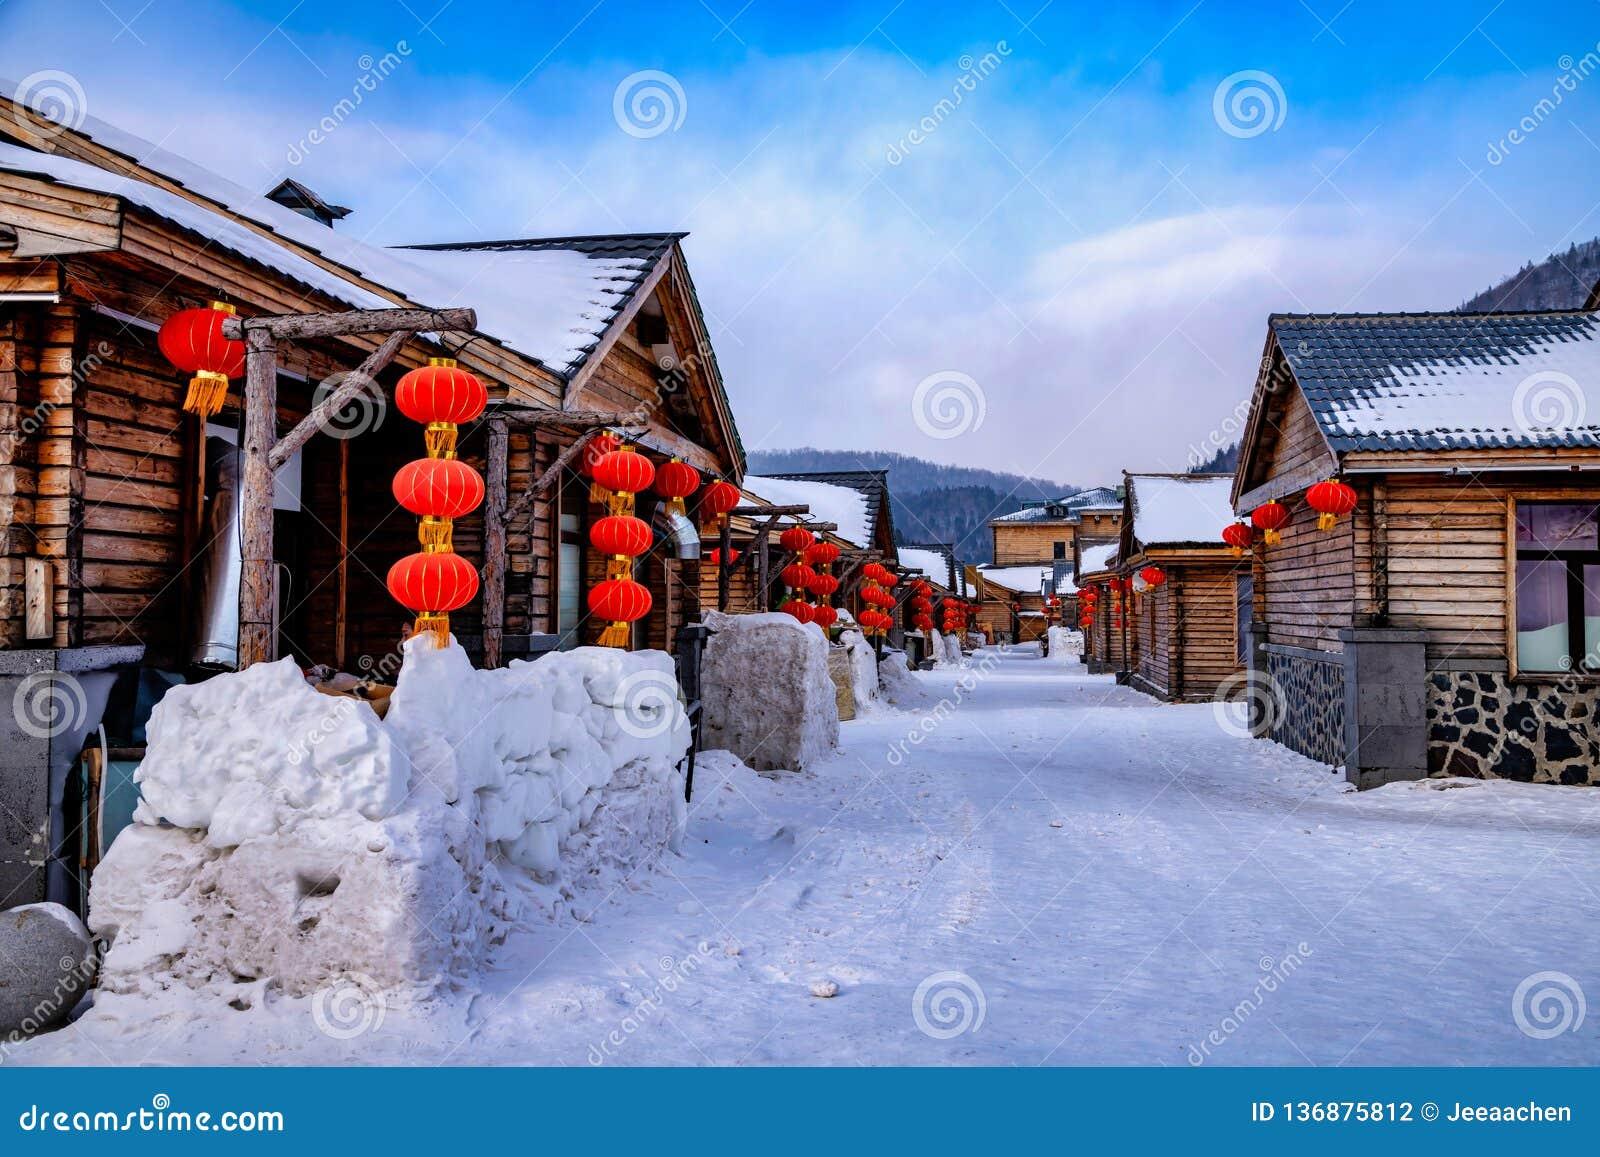 Province de Harbin, Heilongjiang, Chine, le 8 janvier 2019,